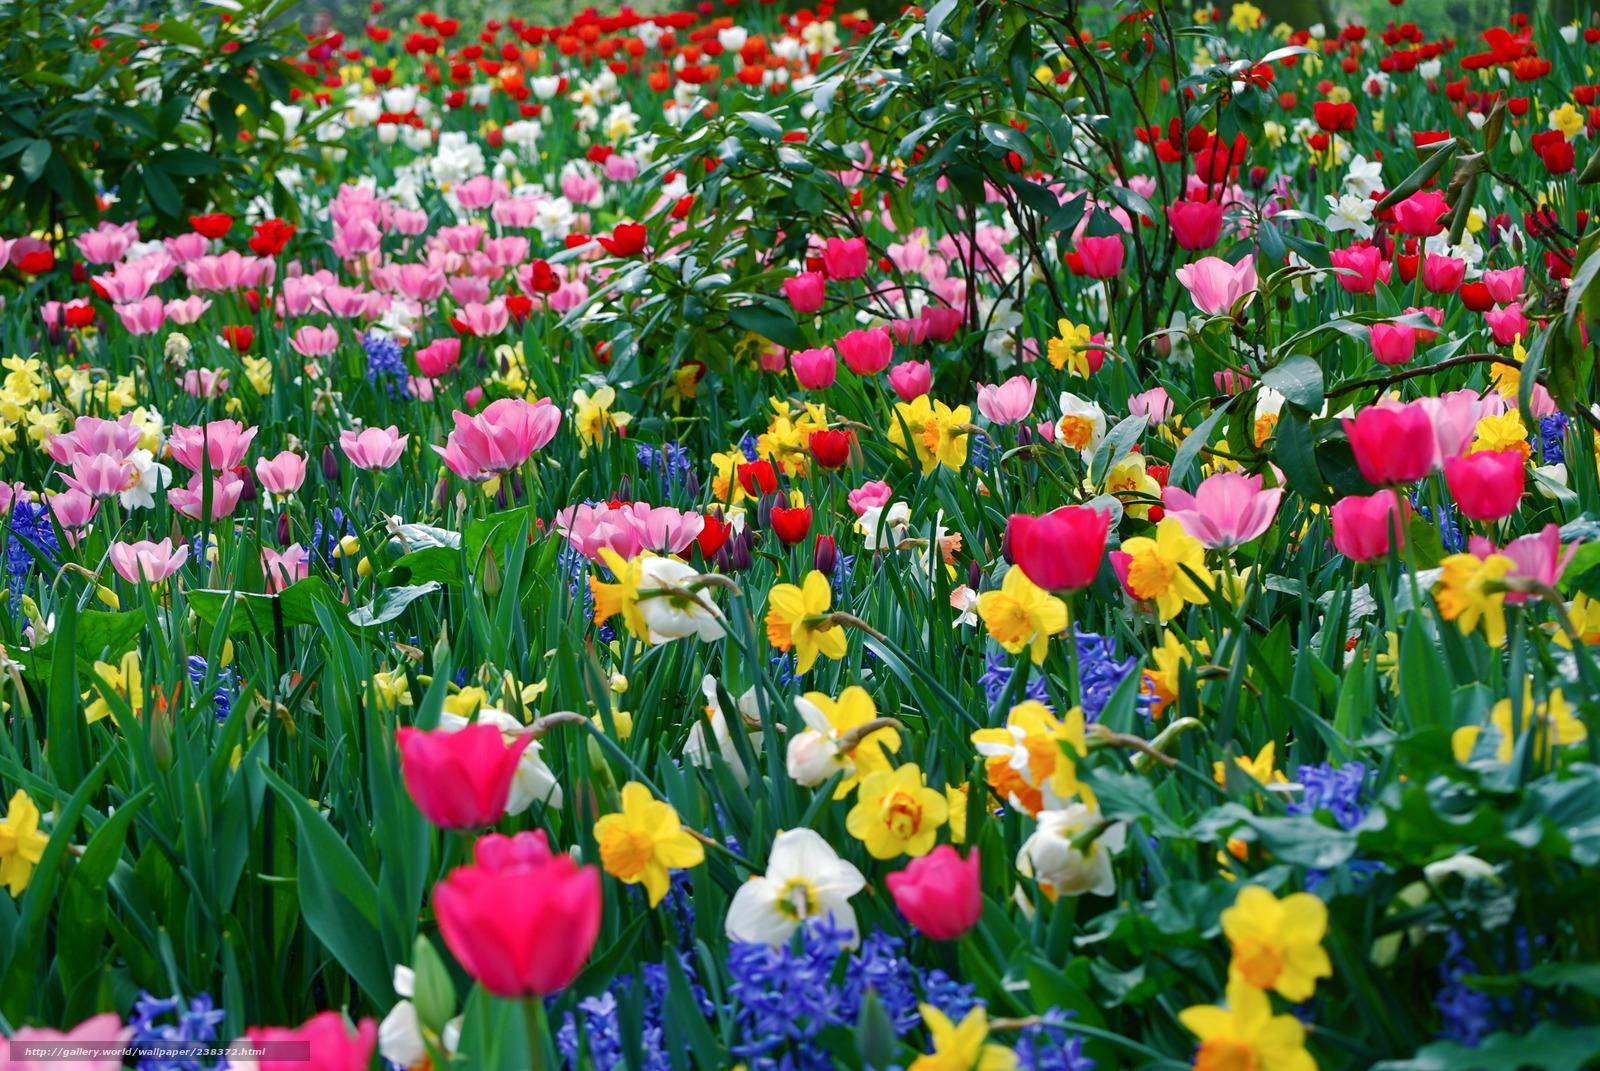 Tlcharger fond d'ecran fleurs, diffrent, beaucoup, printemps fonds d